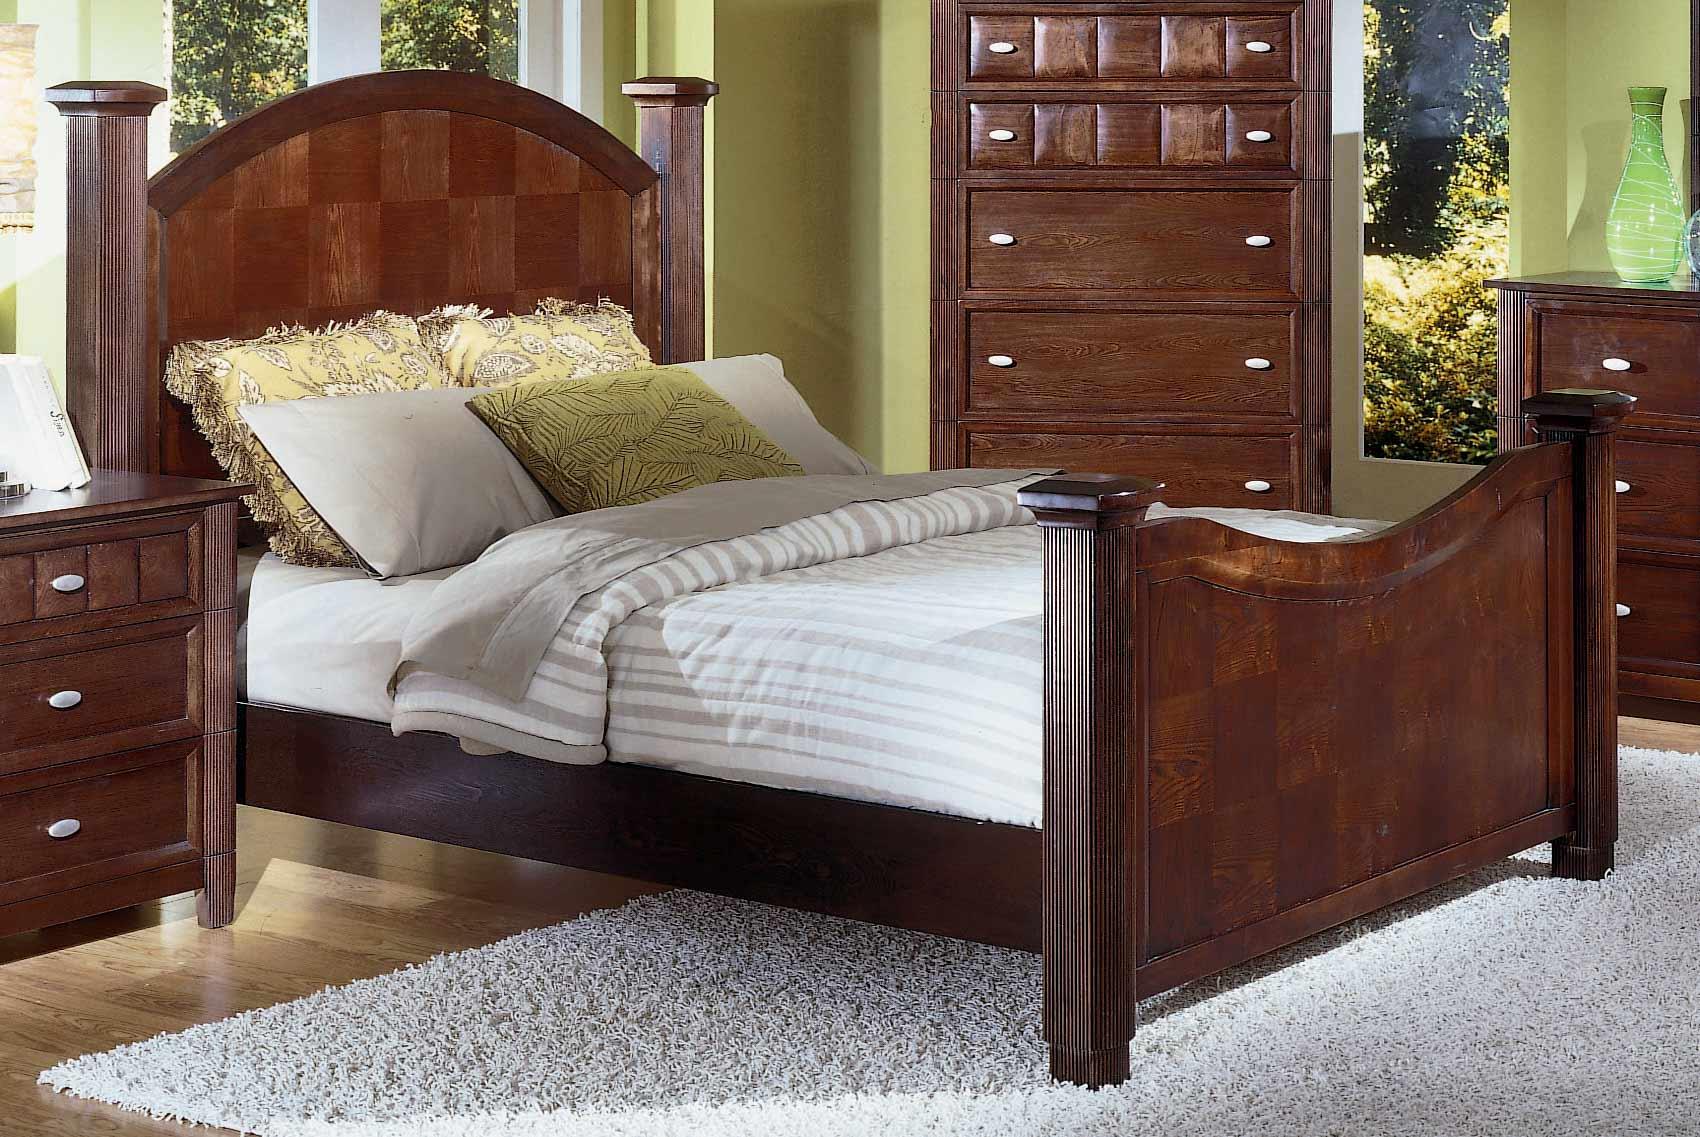 Homelegance Horizon Queen Bed